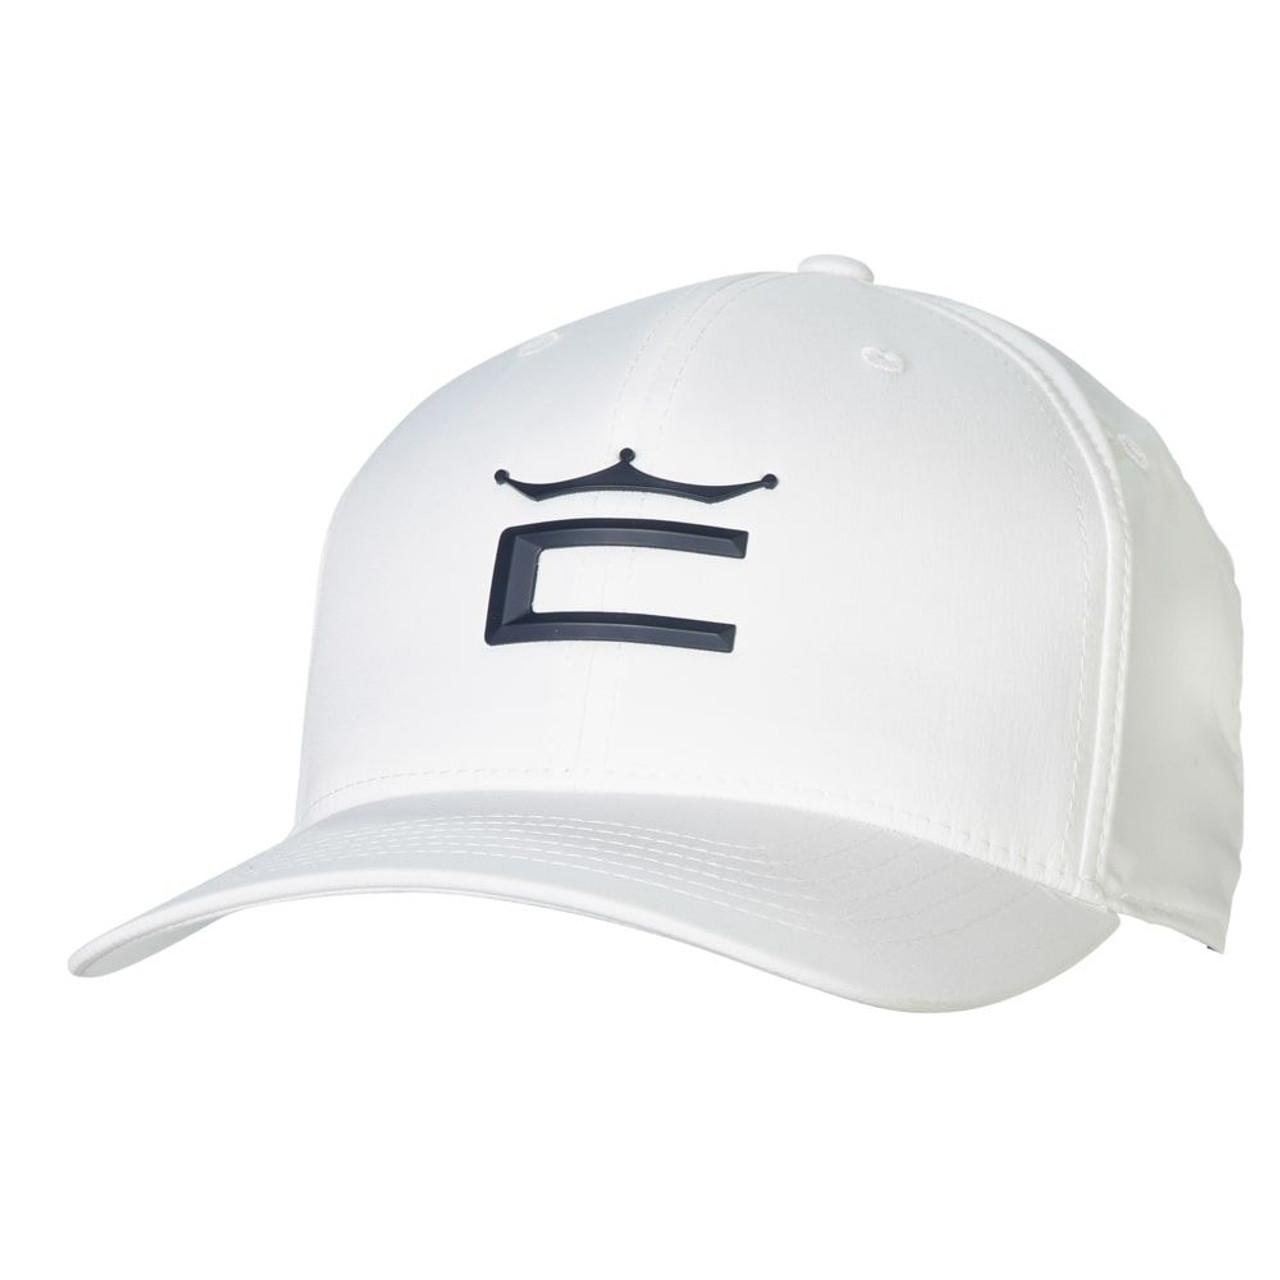 Cobra Tour Crown 110 Cap - White / Navy Blazer